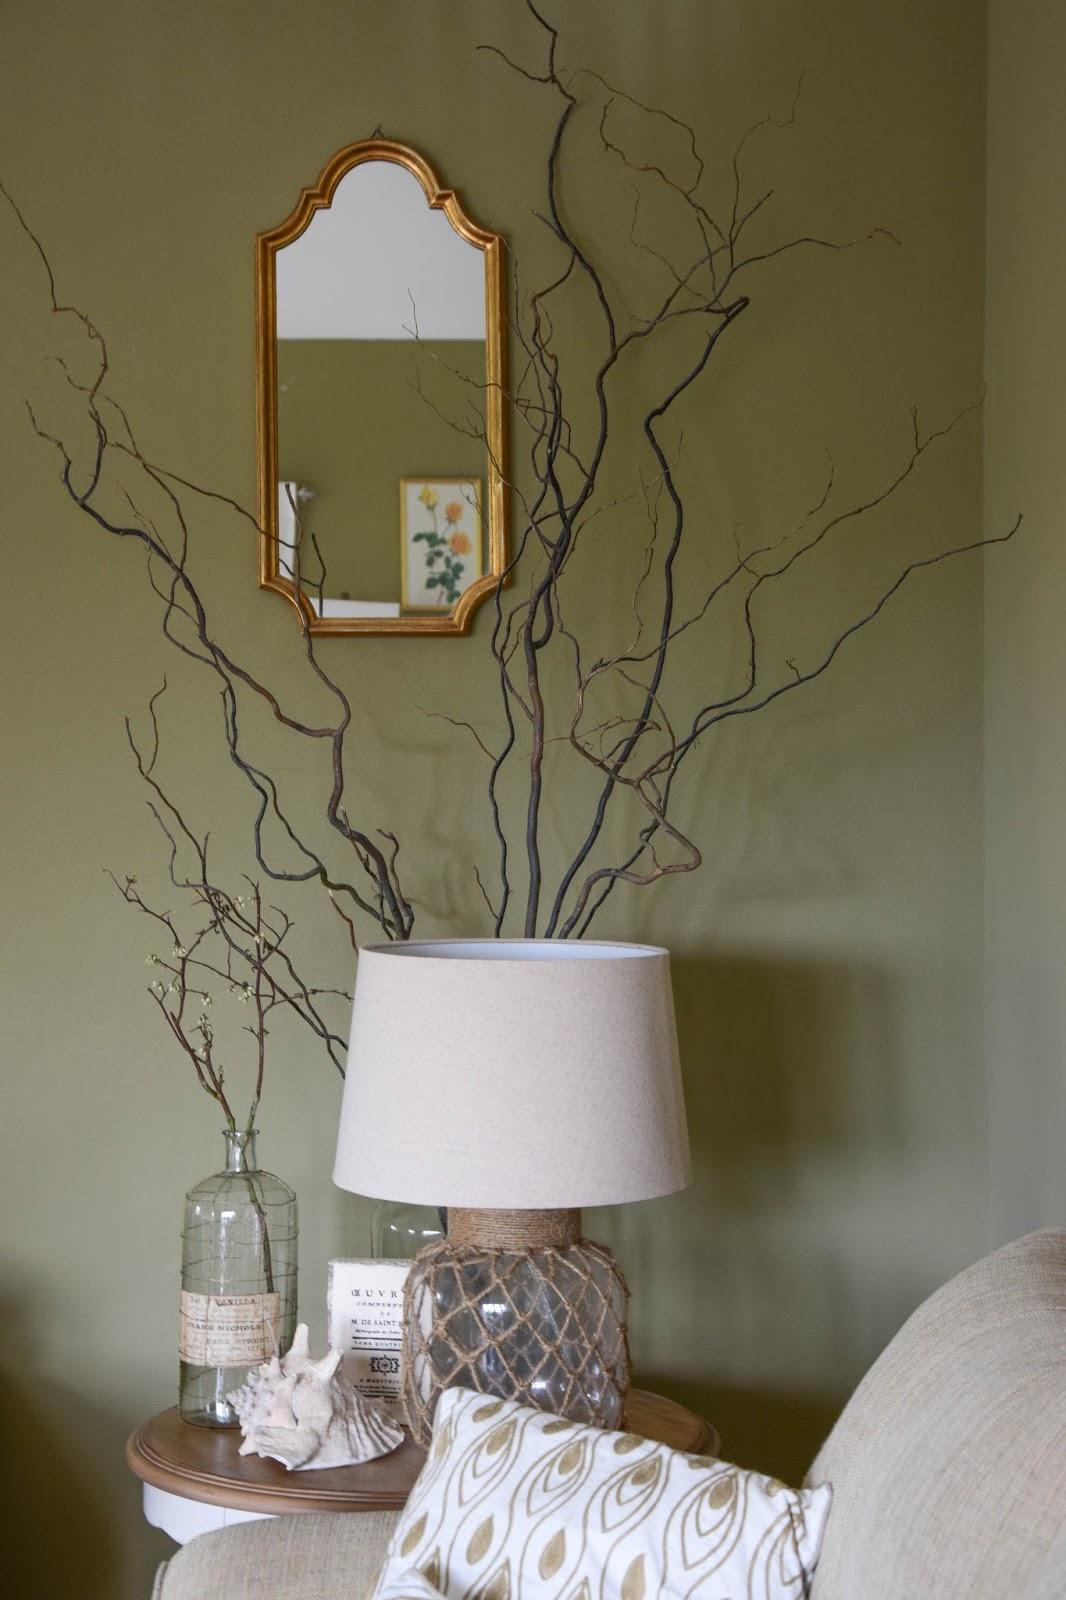 Treibholz deko modern strandvilla wohnzimmer offene kueche for Deko spiegel wohnzimmer